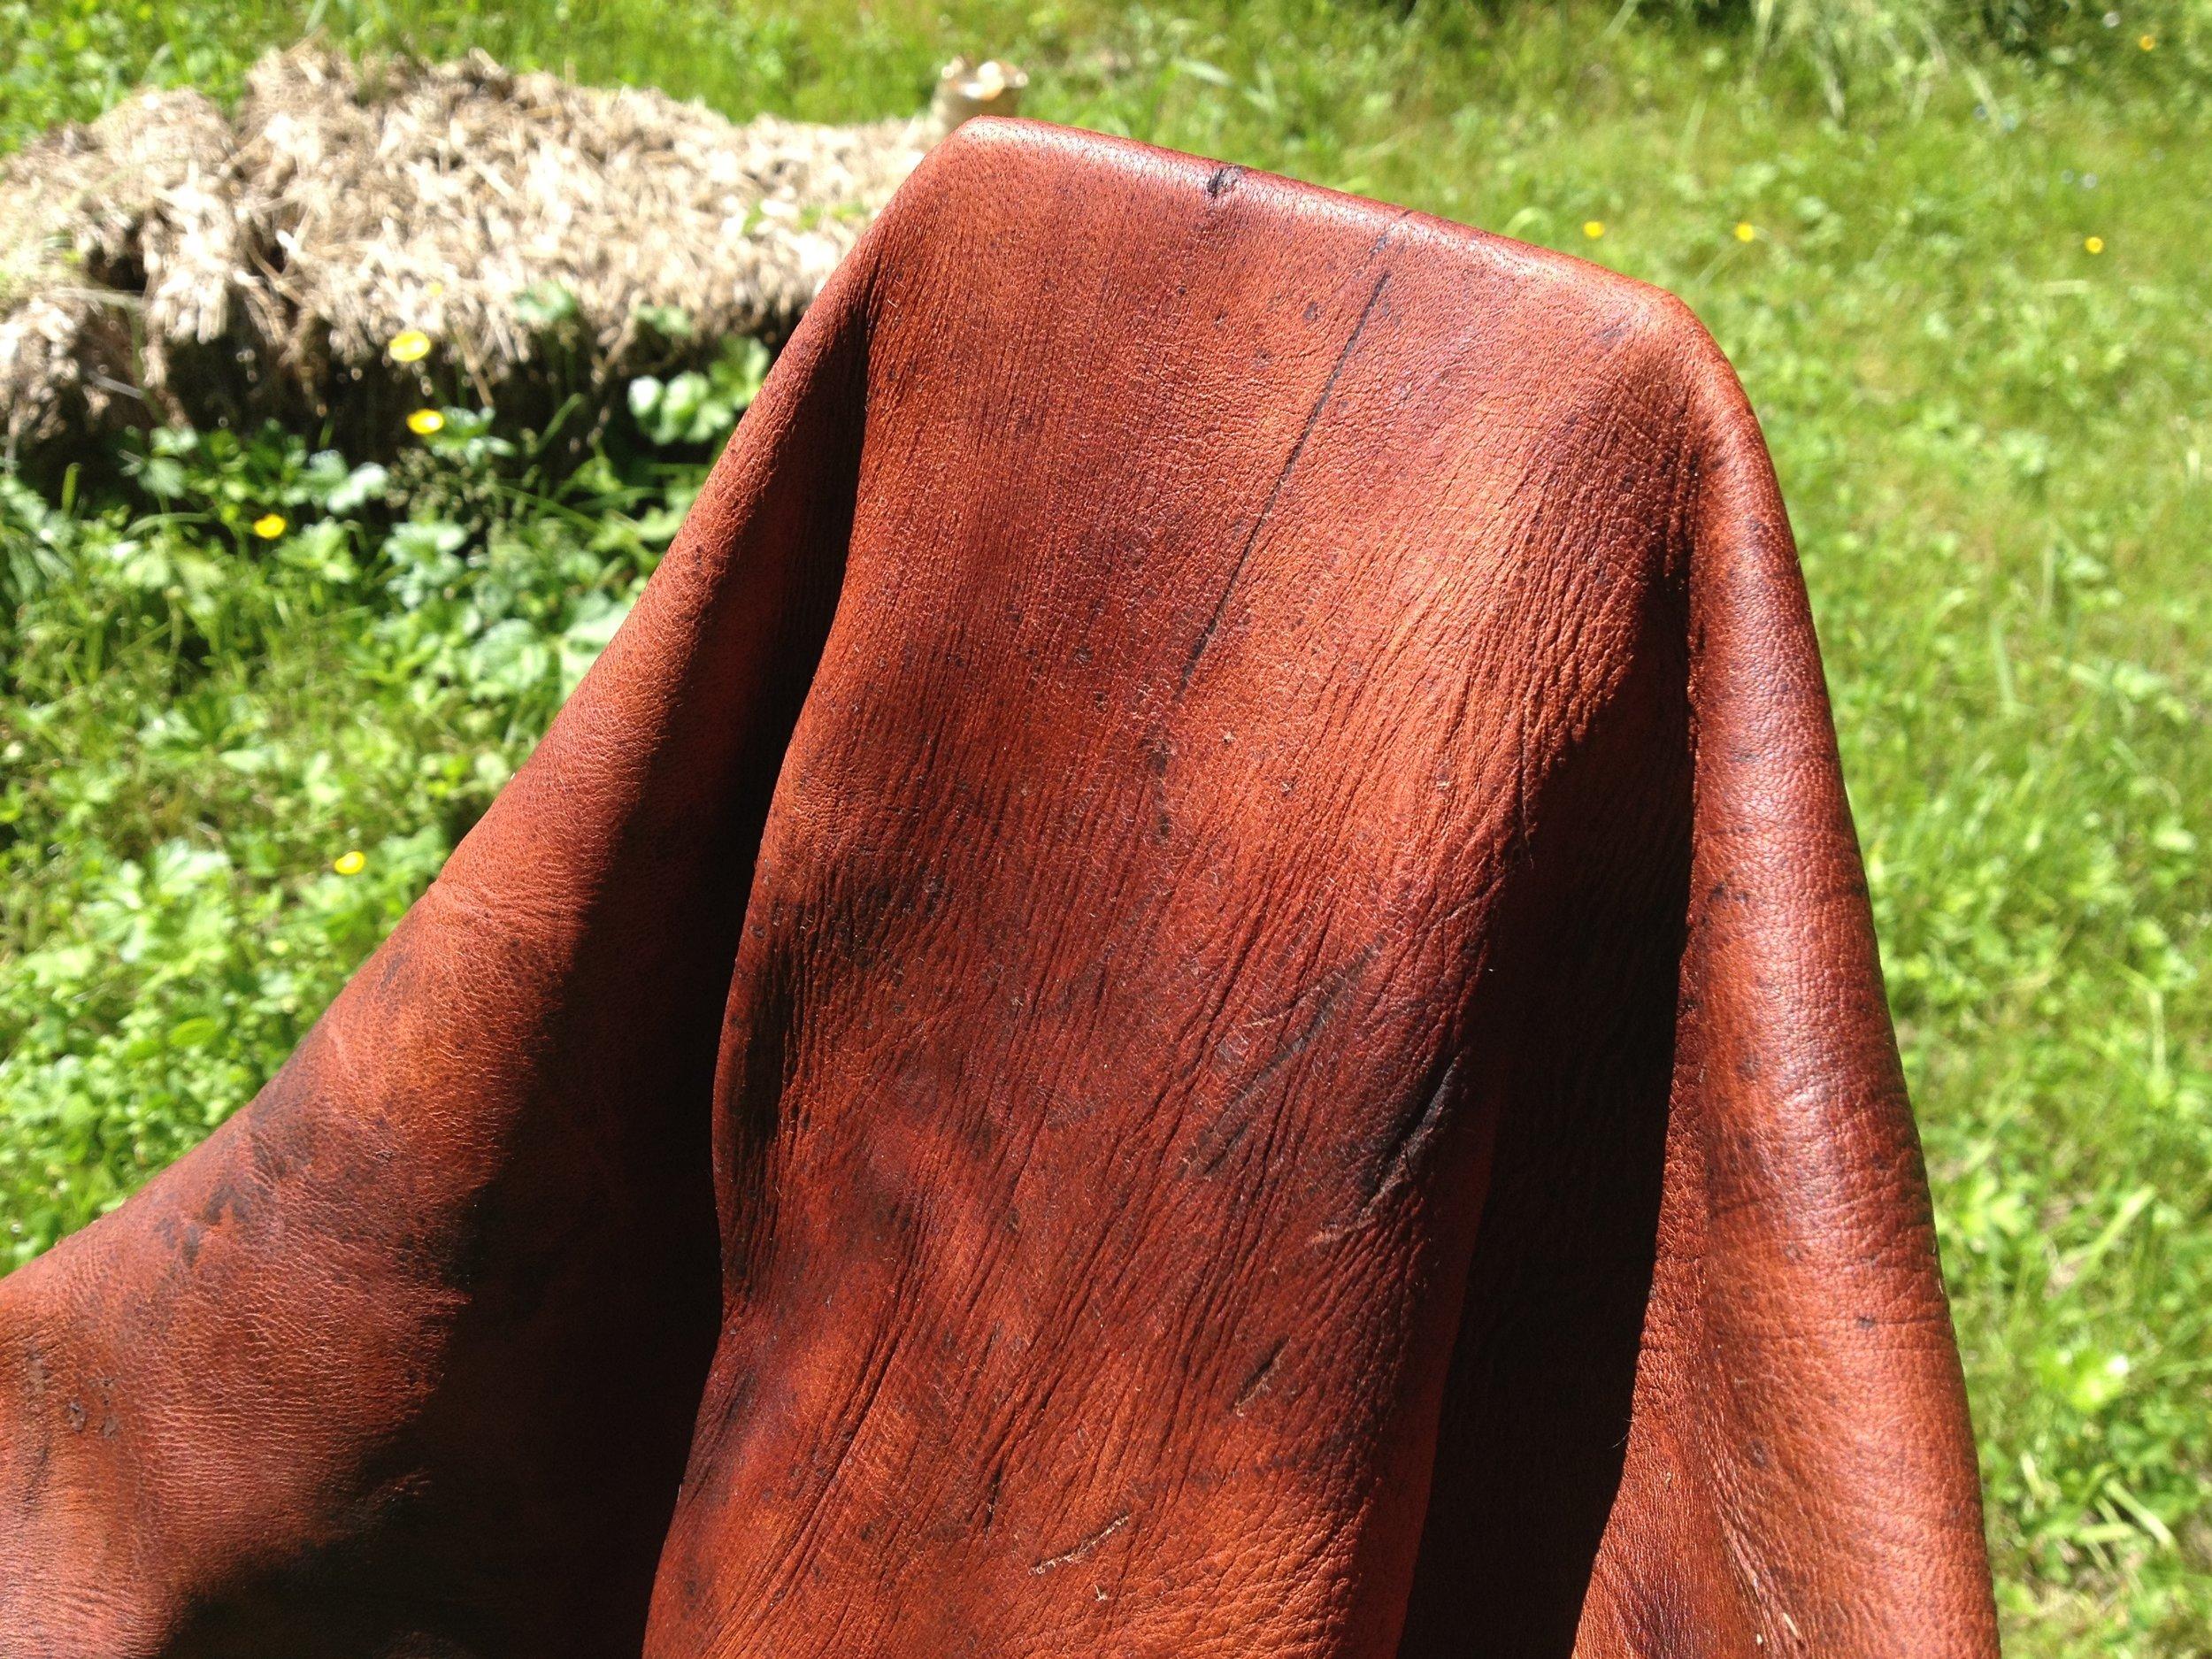 Bark-Tanned Deer Hide